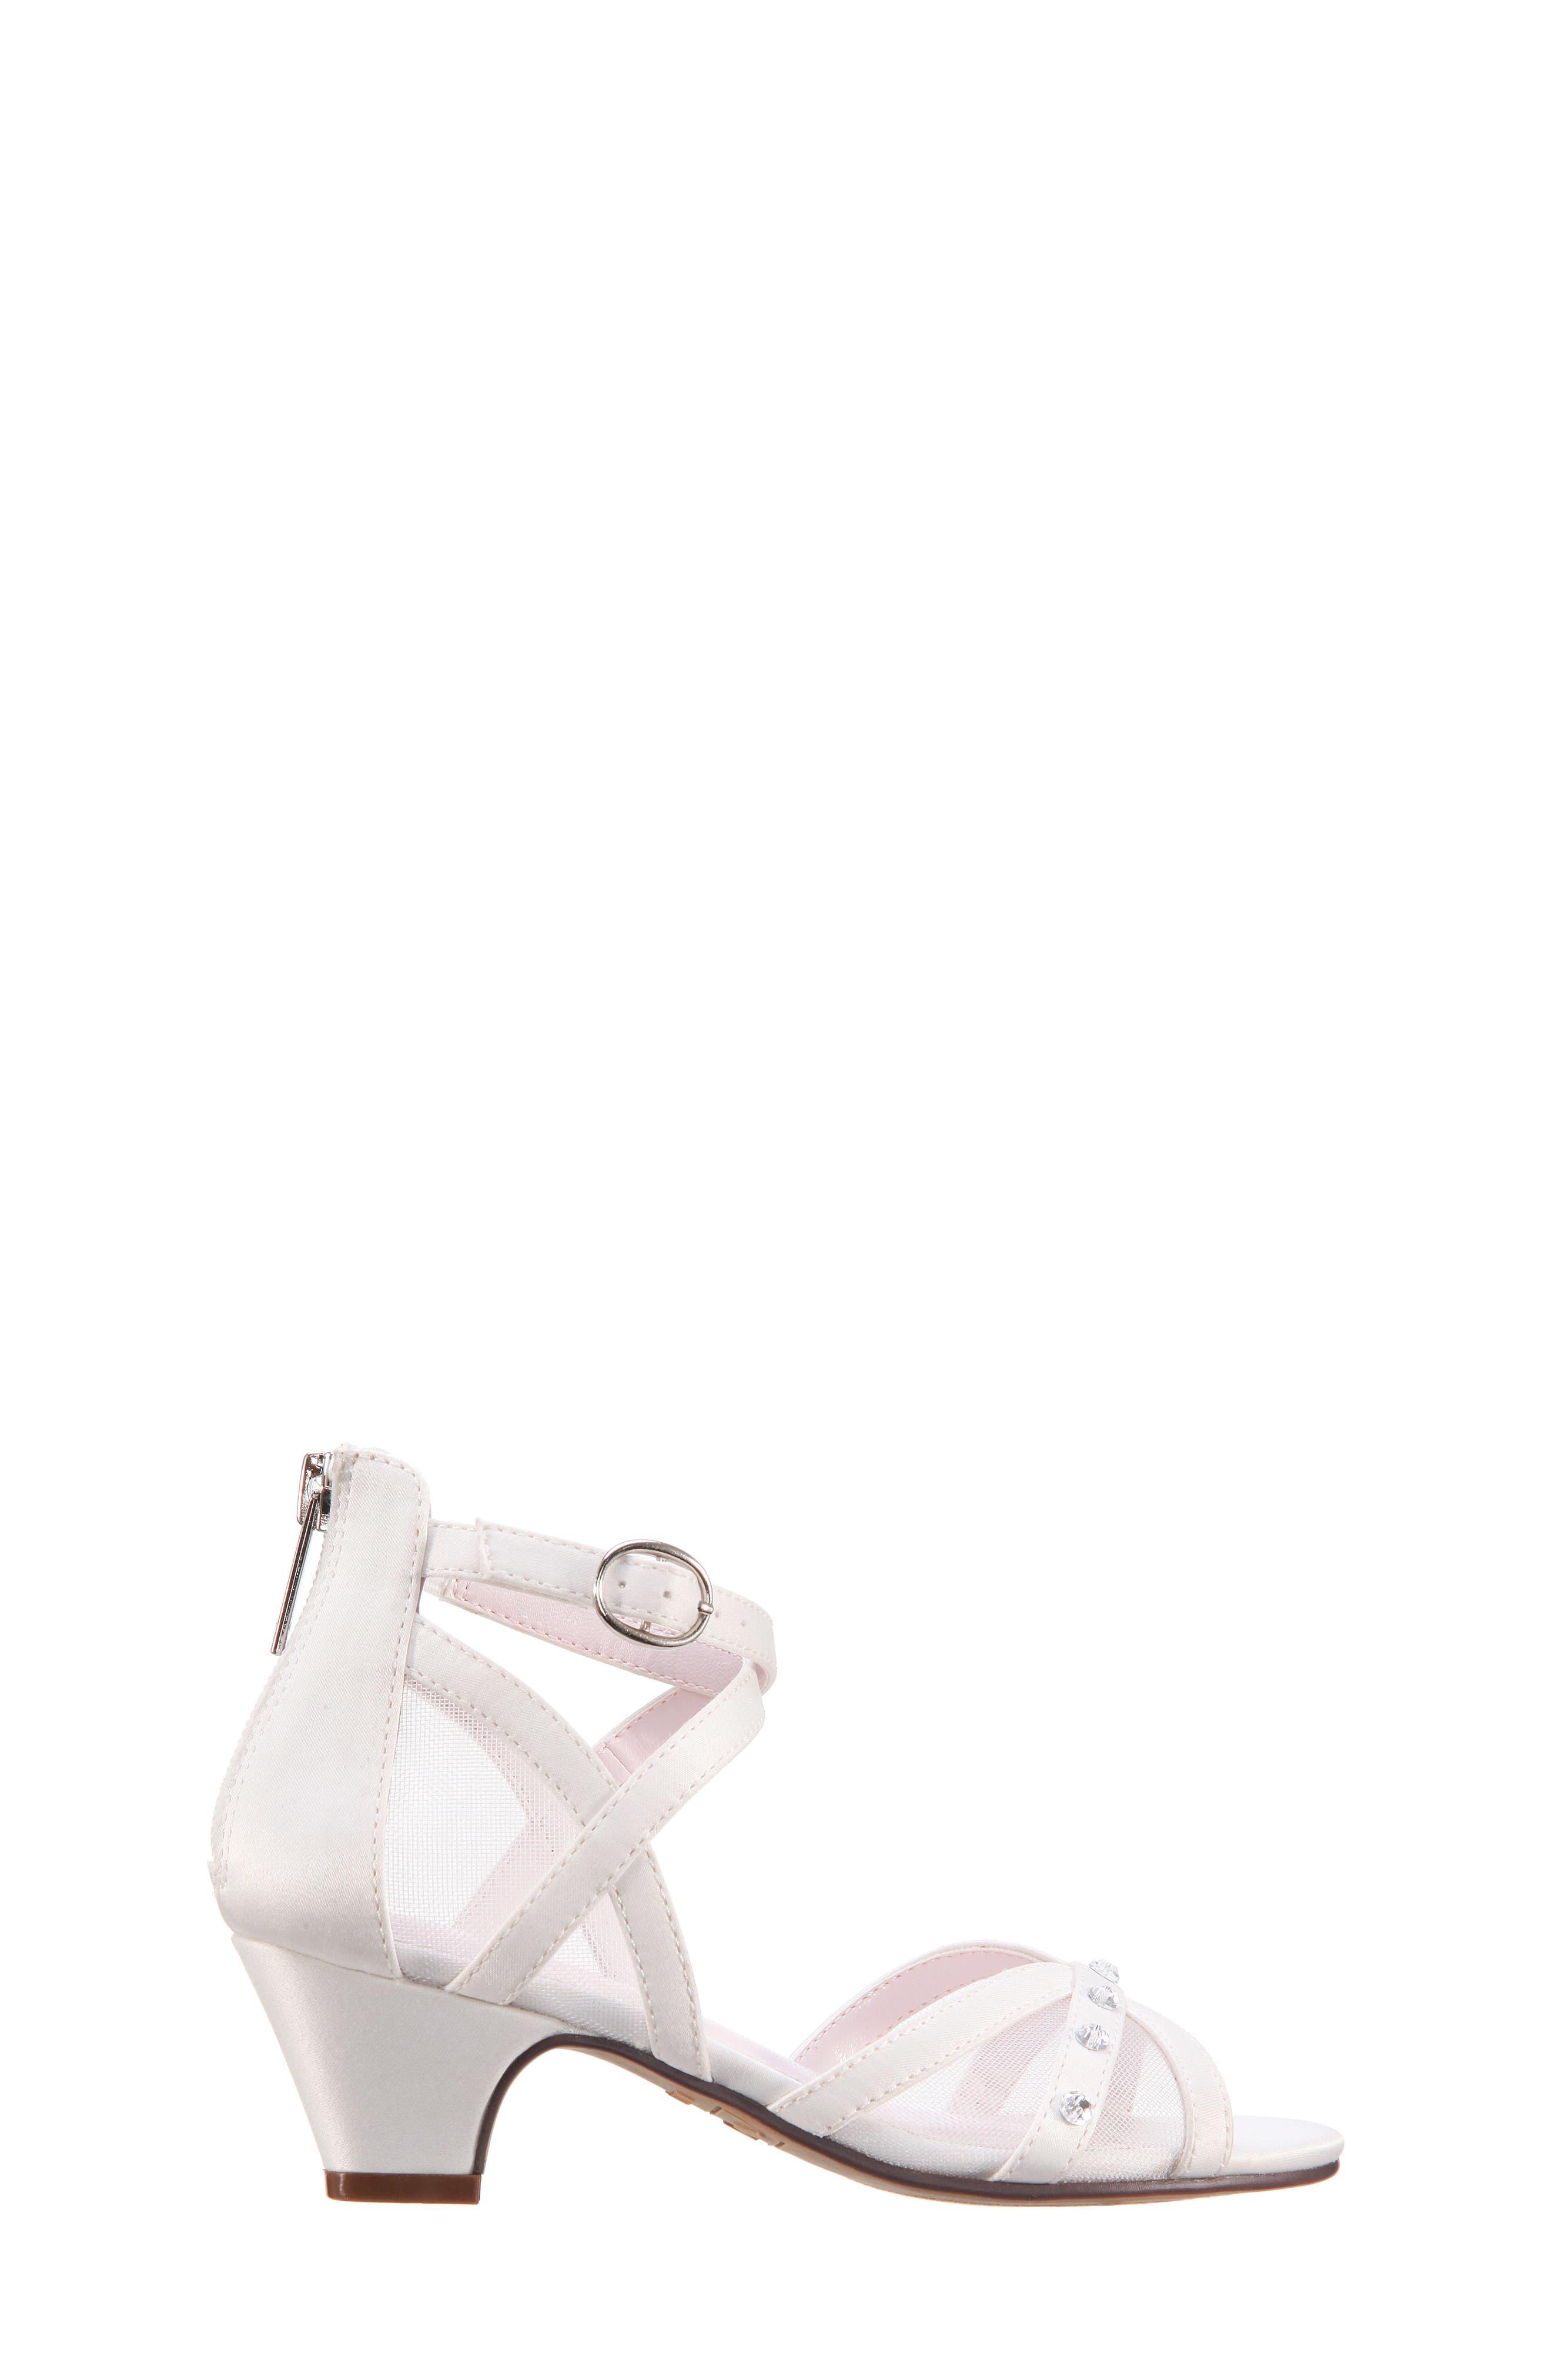 Betty Sandal,                             Alternate thumbnail 3, color,                             White Shimmer Fabric